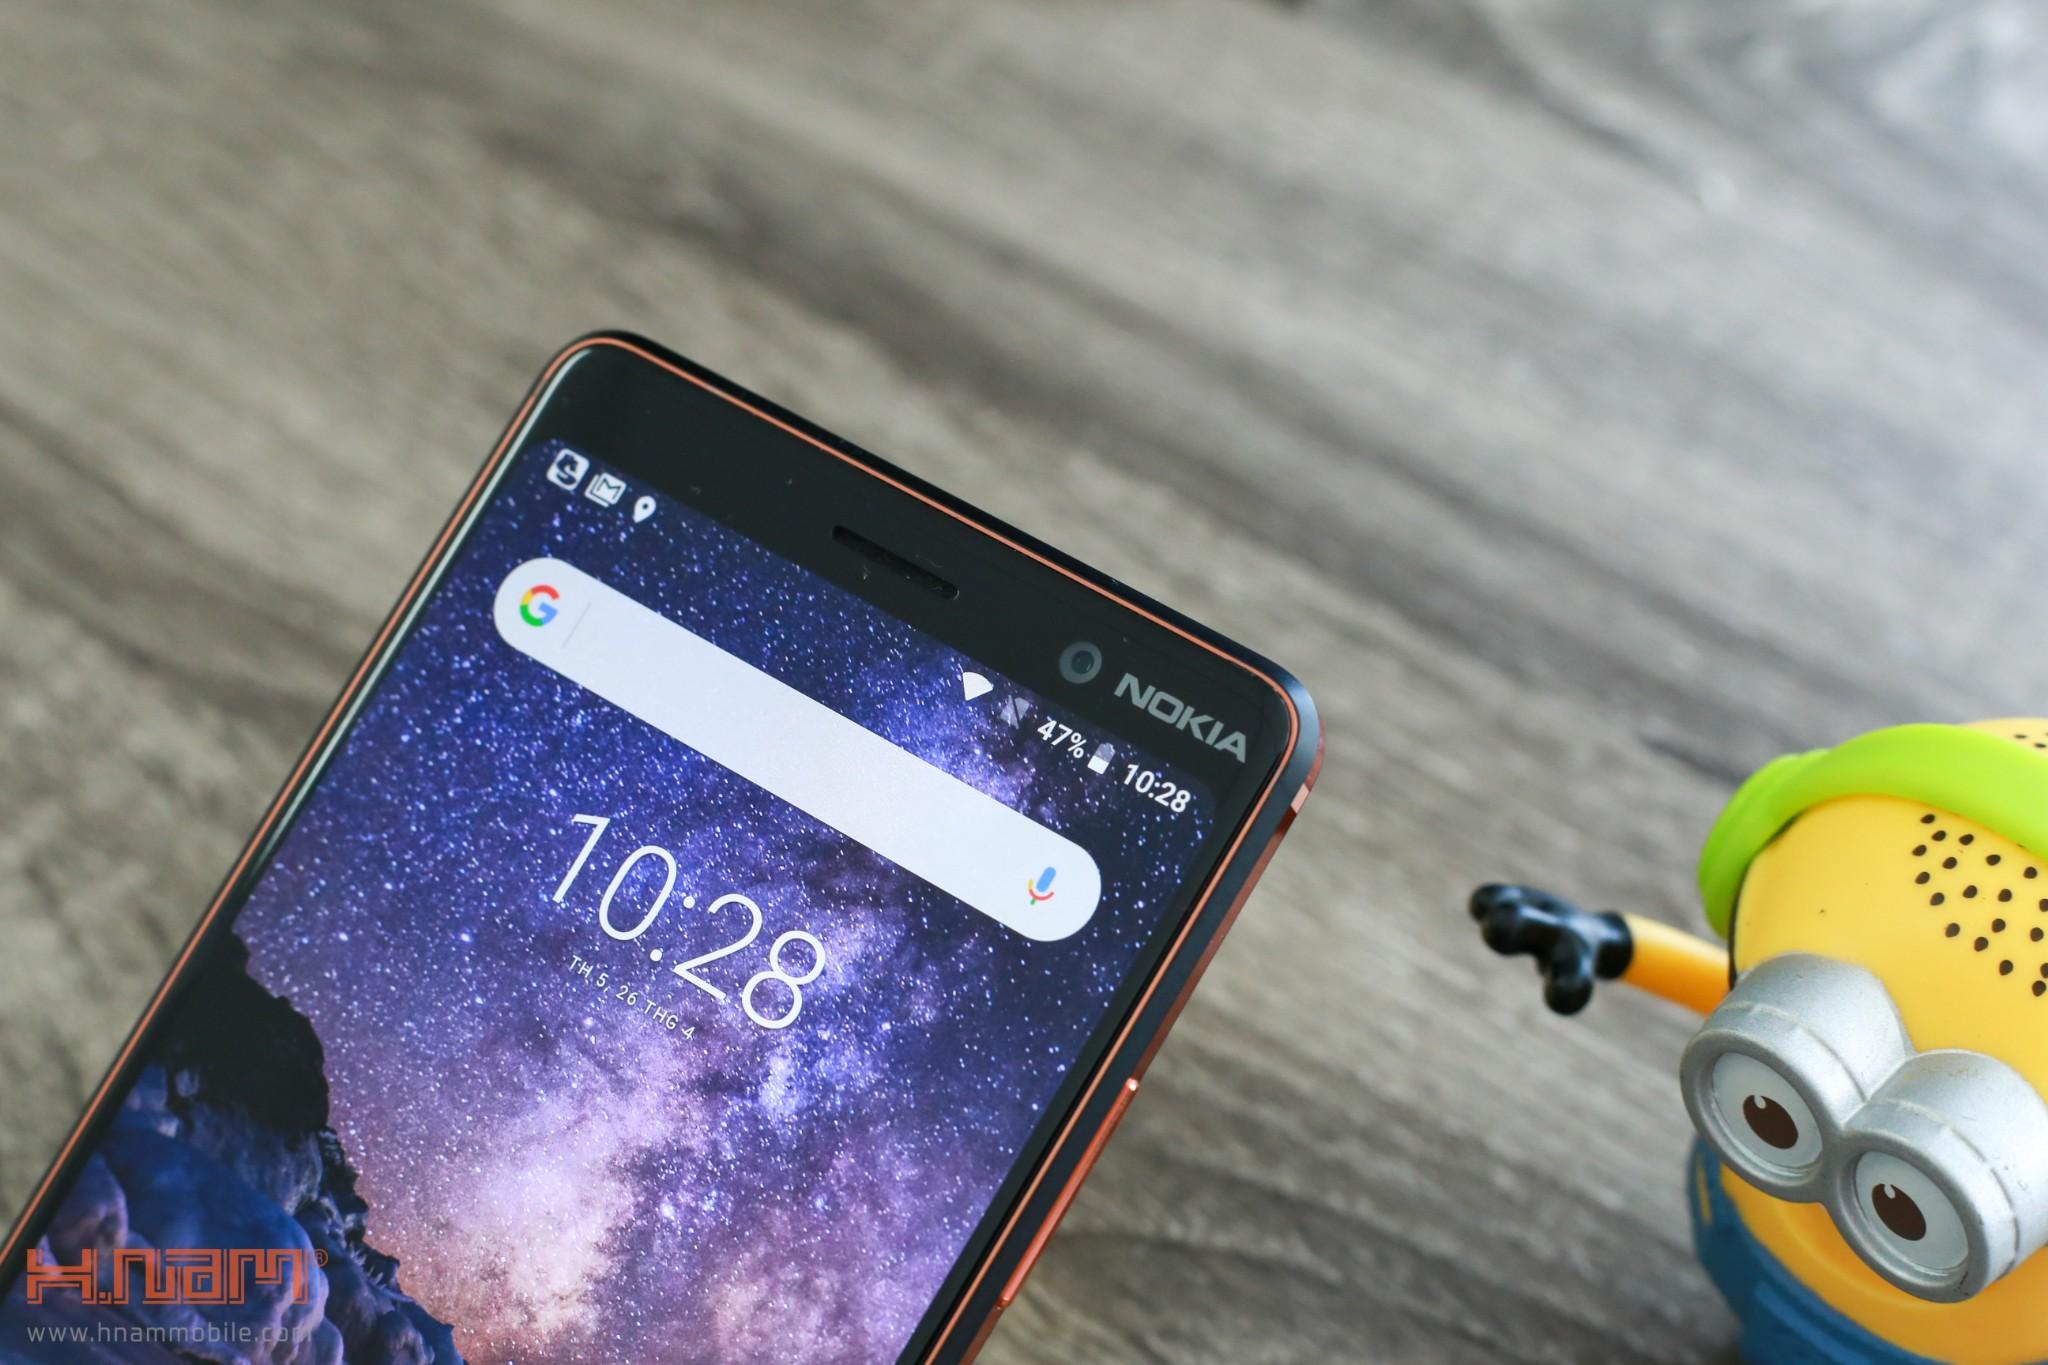 Trên tay Nokia 7 Plus: Smartphone Nokia đầu tiên có màn hình 18:9 hình 13